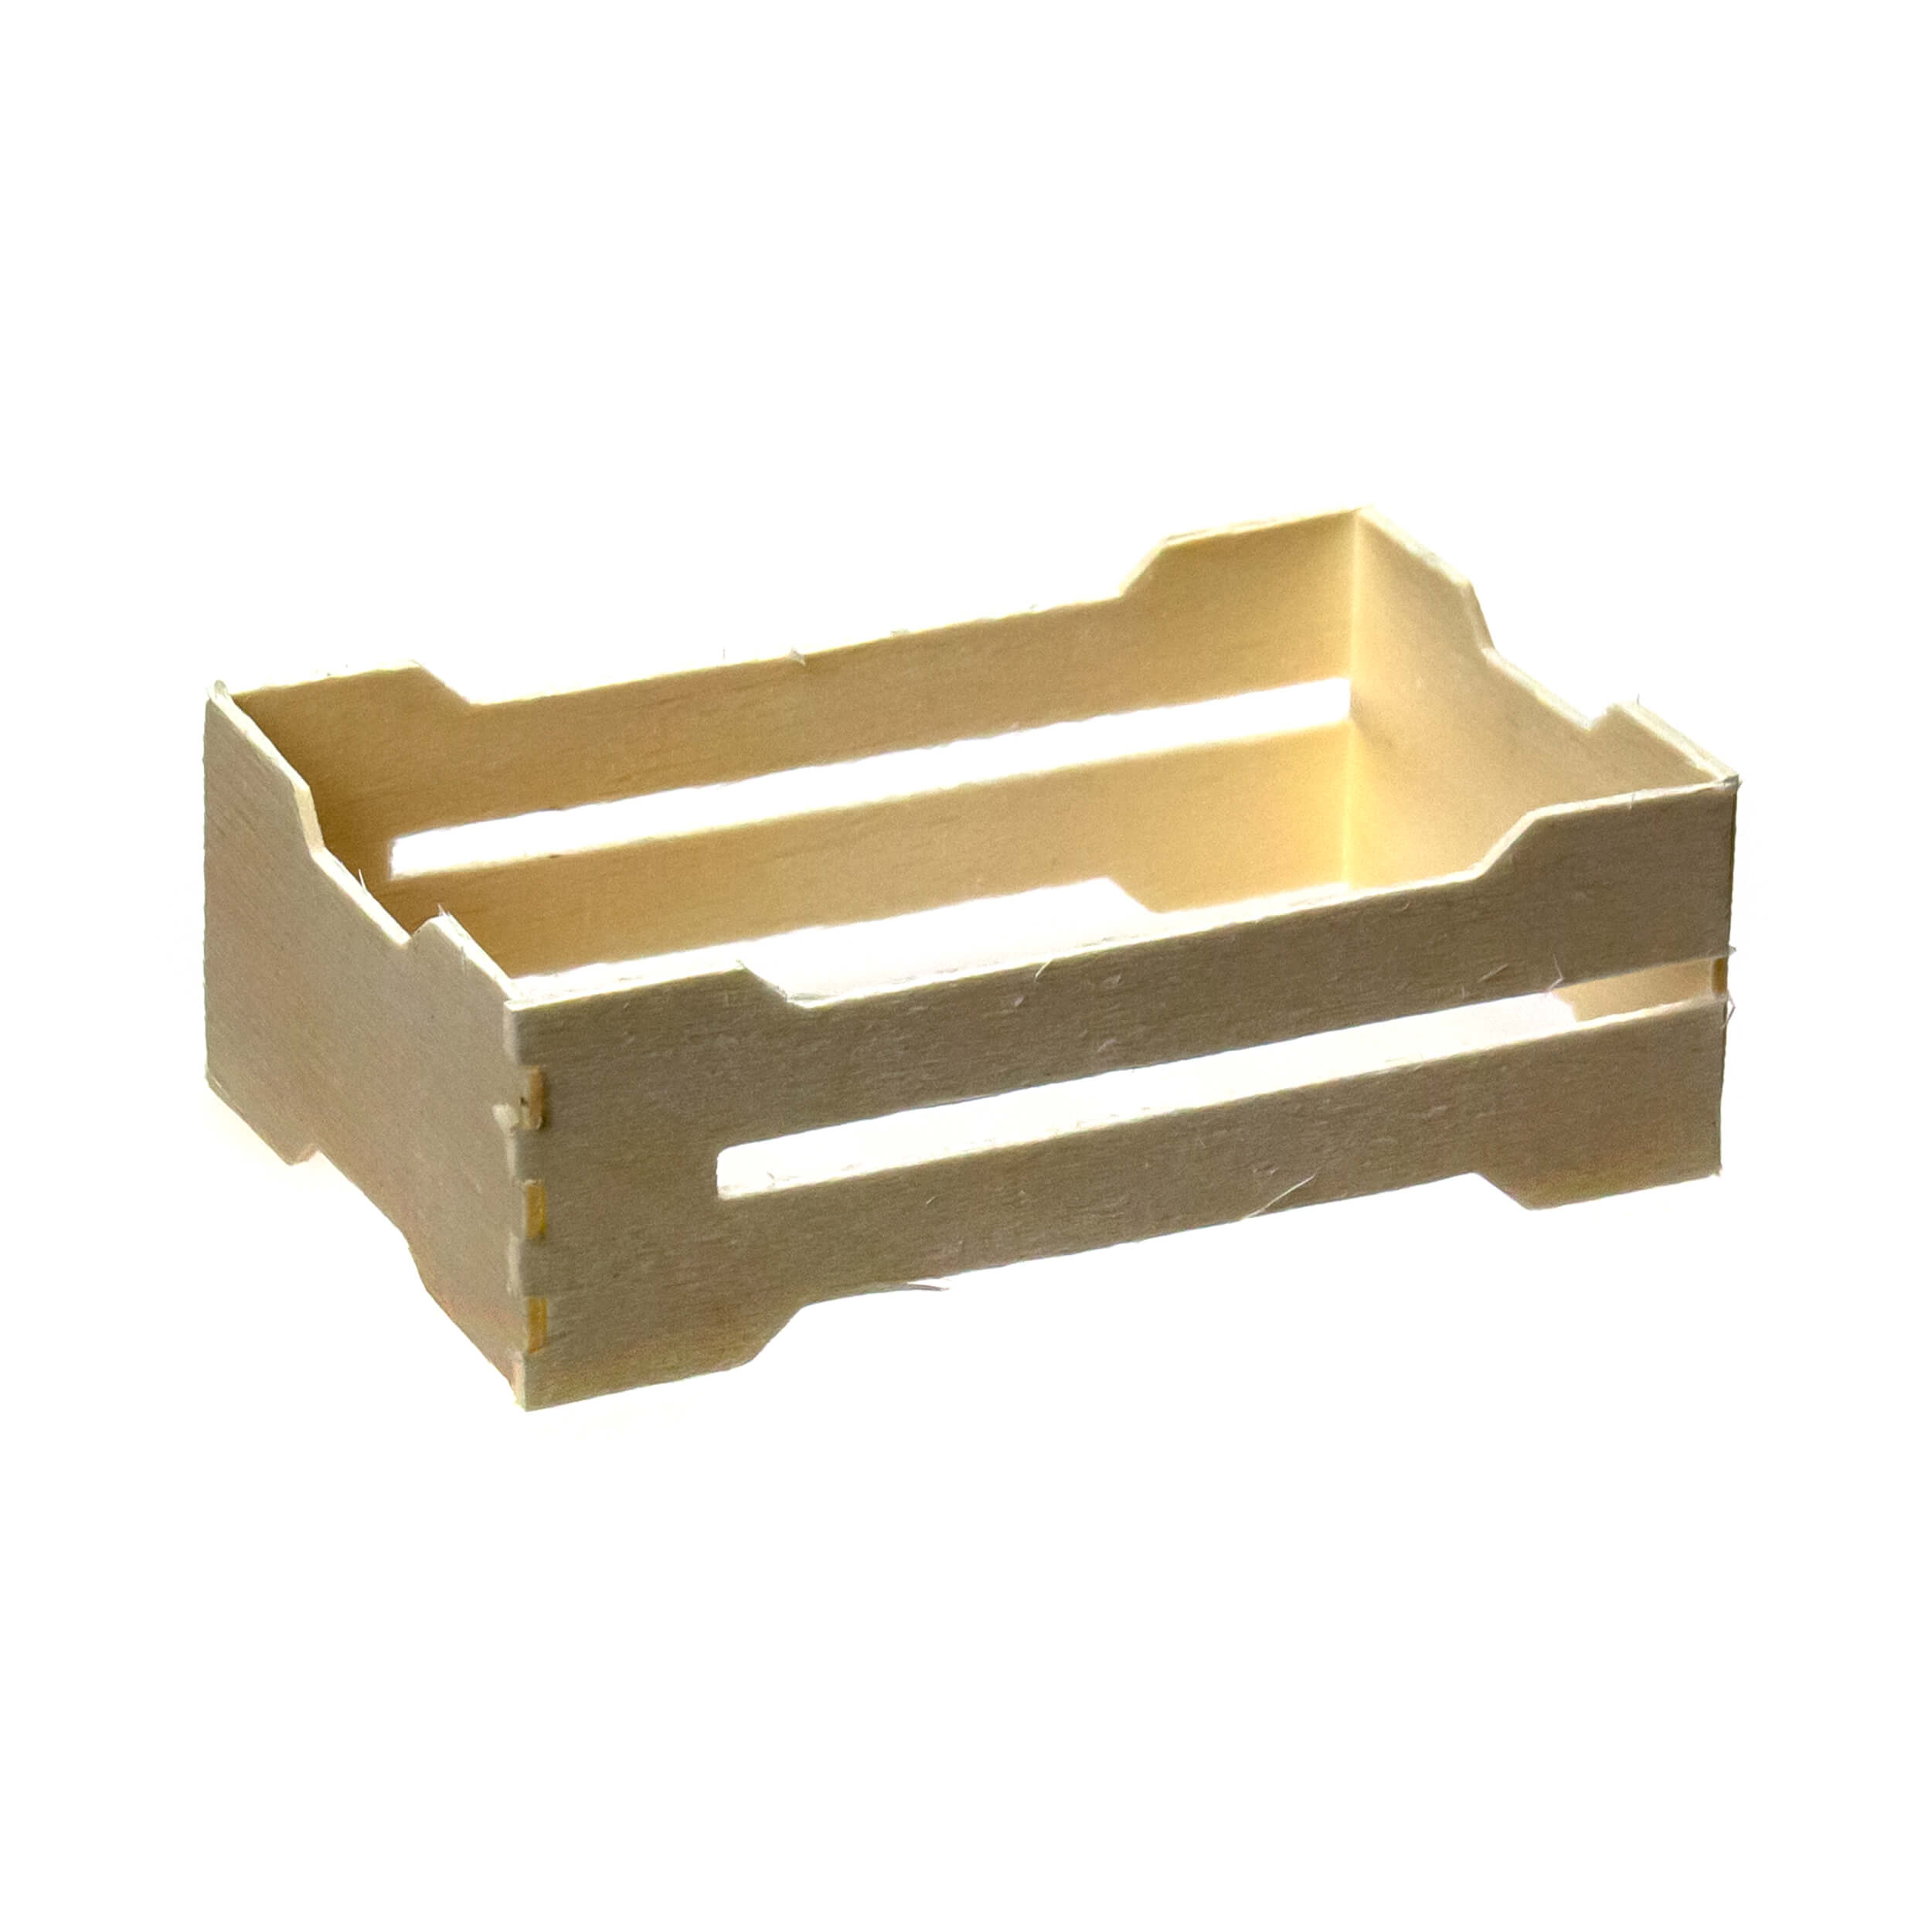 Мини рамка секционная для сотового меда (67х110х37 с боковыми пазами, дерево, упаковка 50 штук) фото